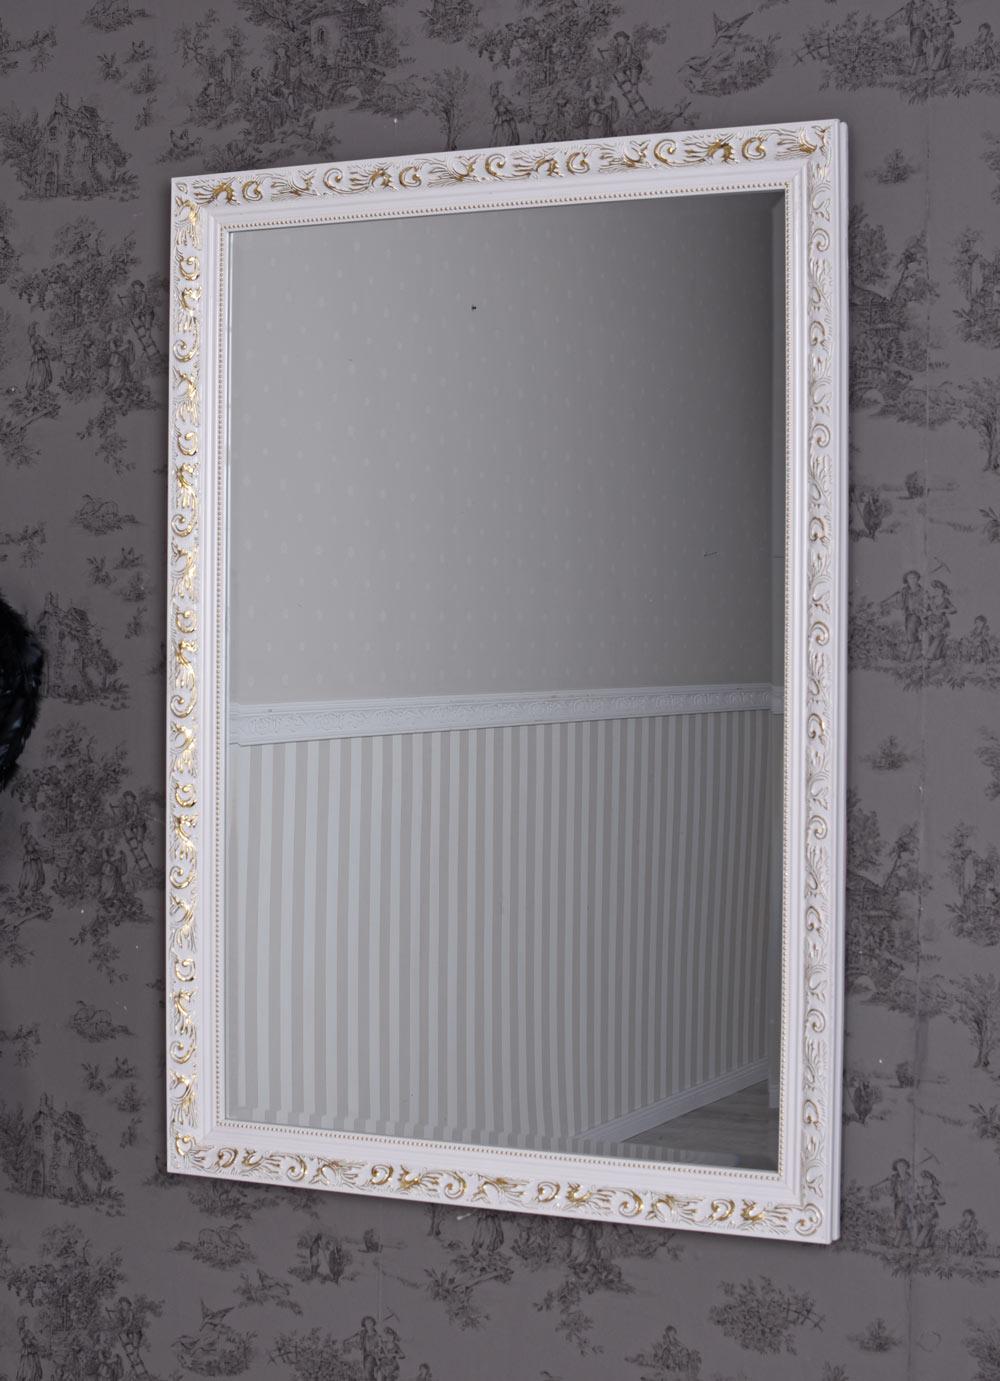 Badezimmerspiegel Antik.Badspiegel Barock Spiegel Antik Weiss Wandspiegel Dekospiegel Badezimmerspiegel Ebay